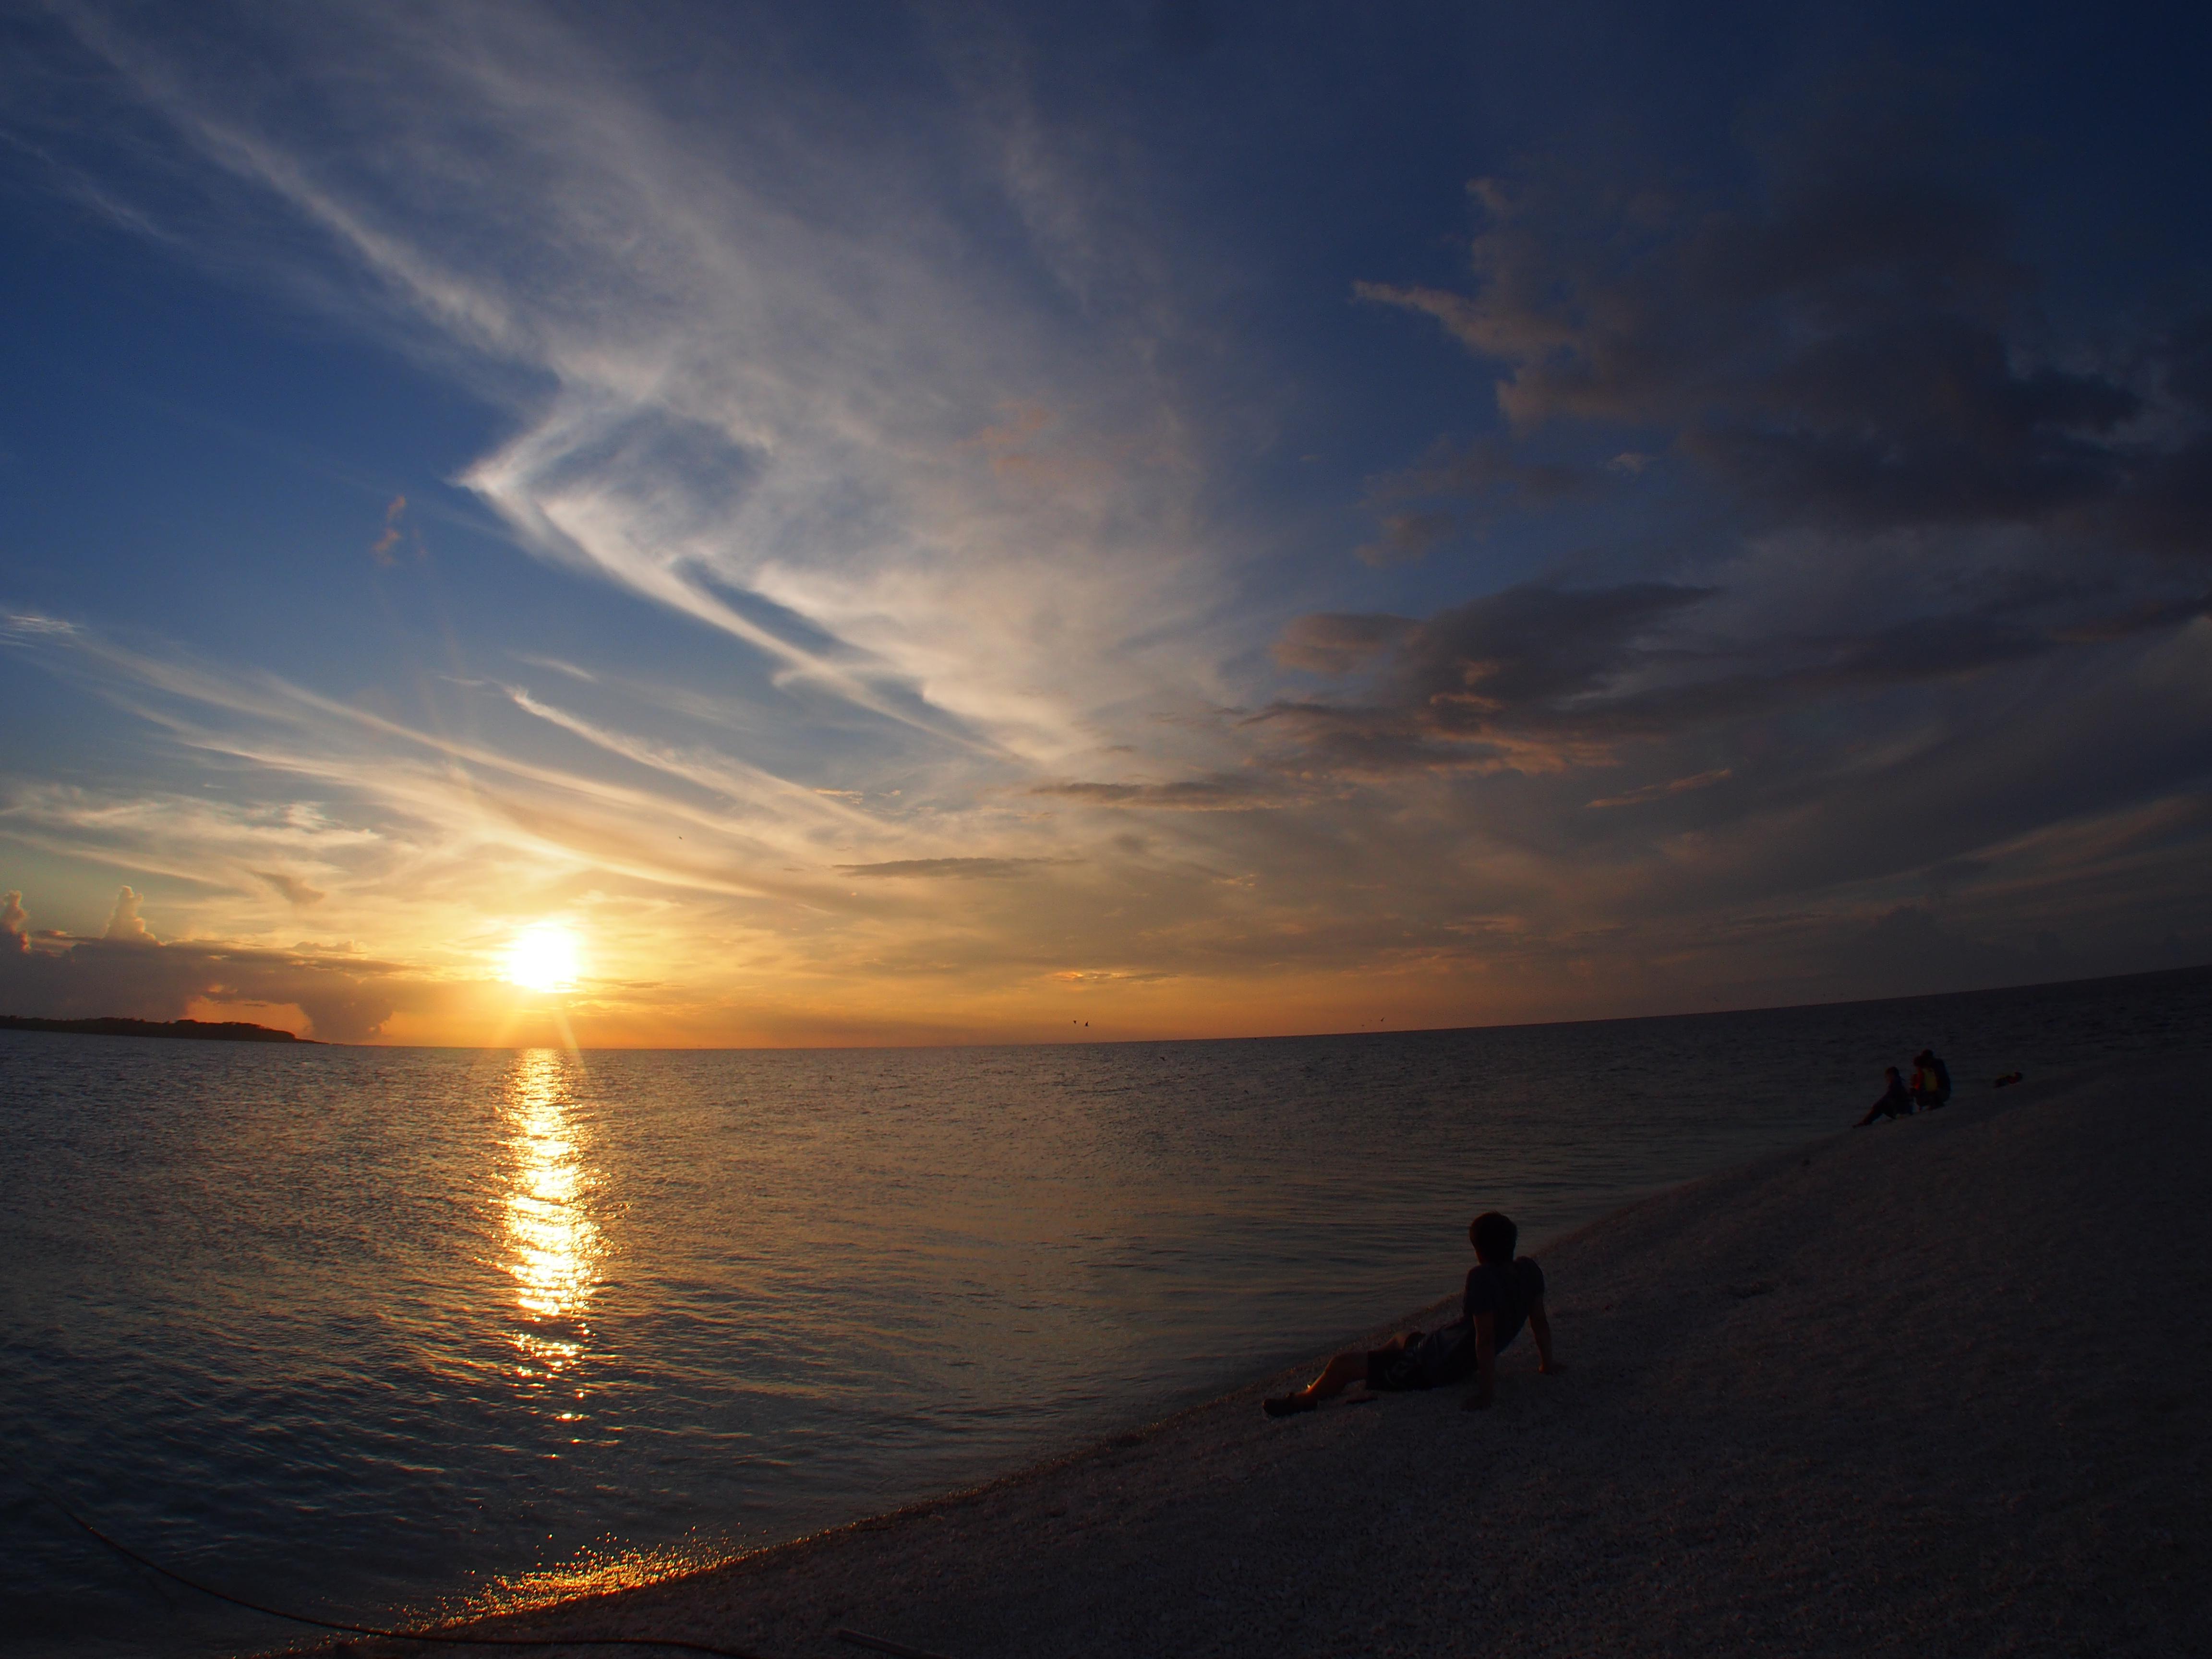 石垣島サンセットの空と海